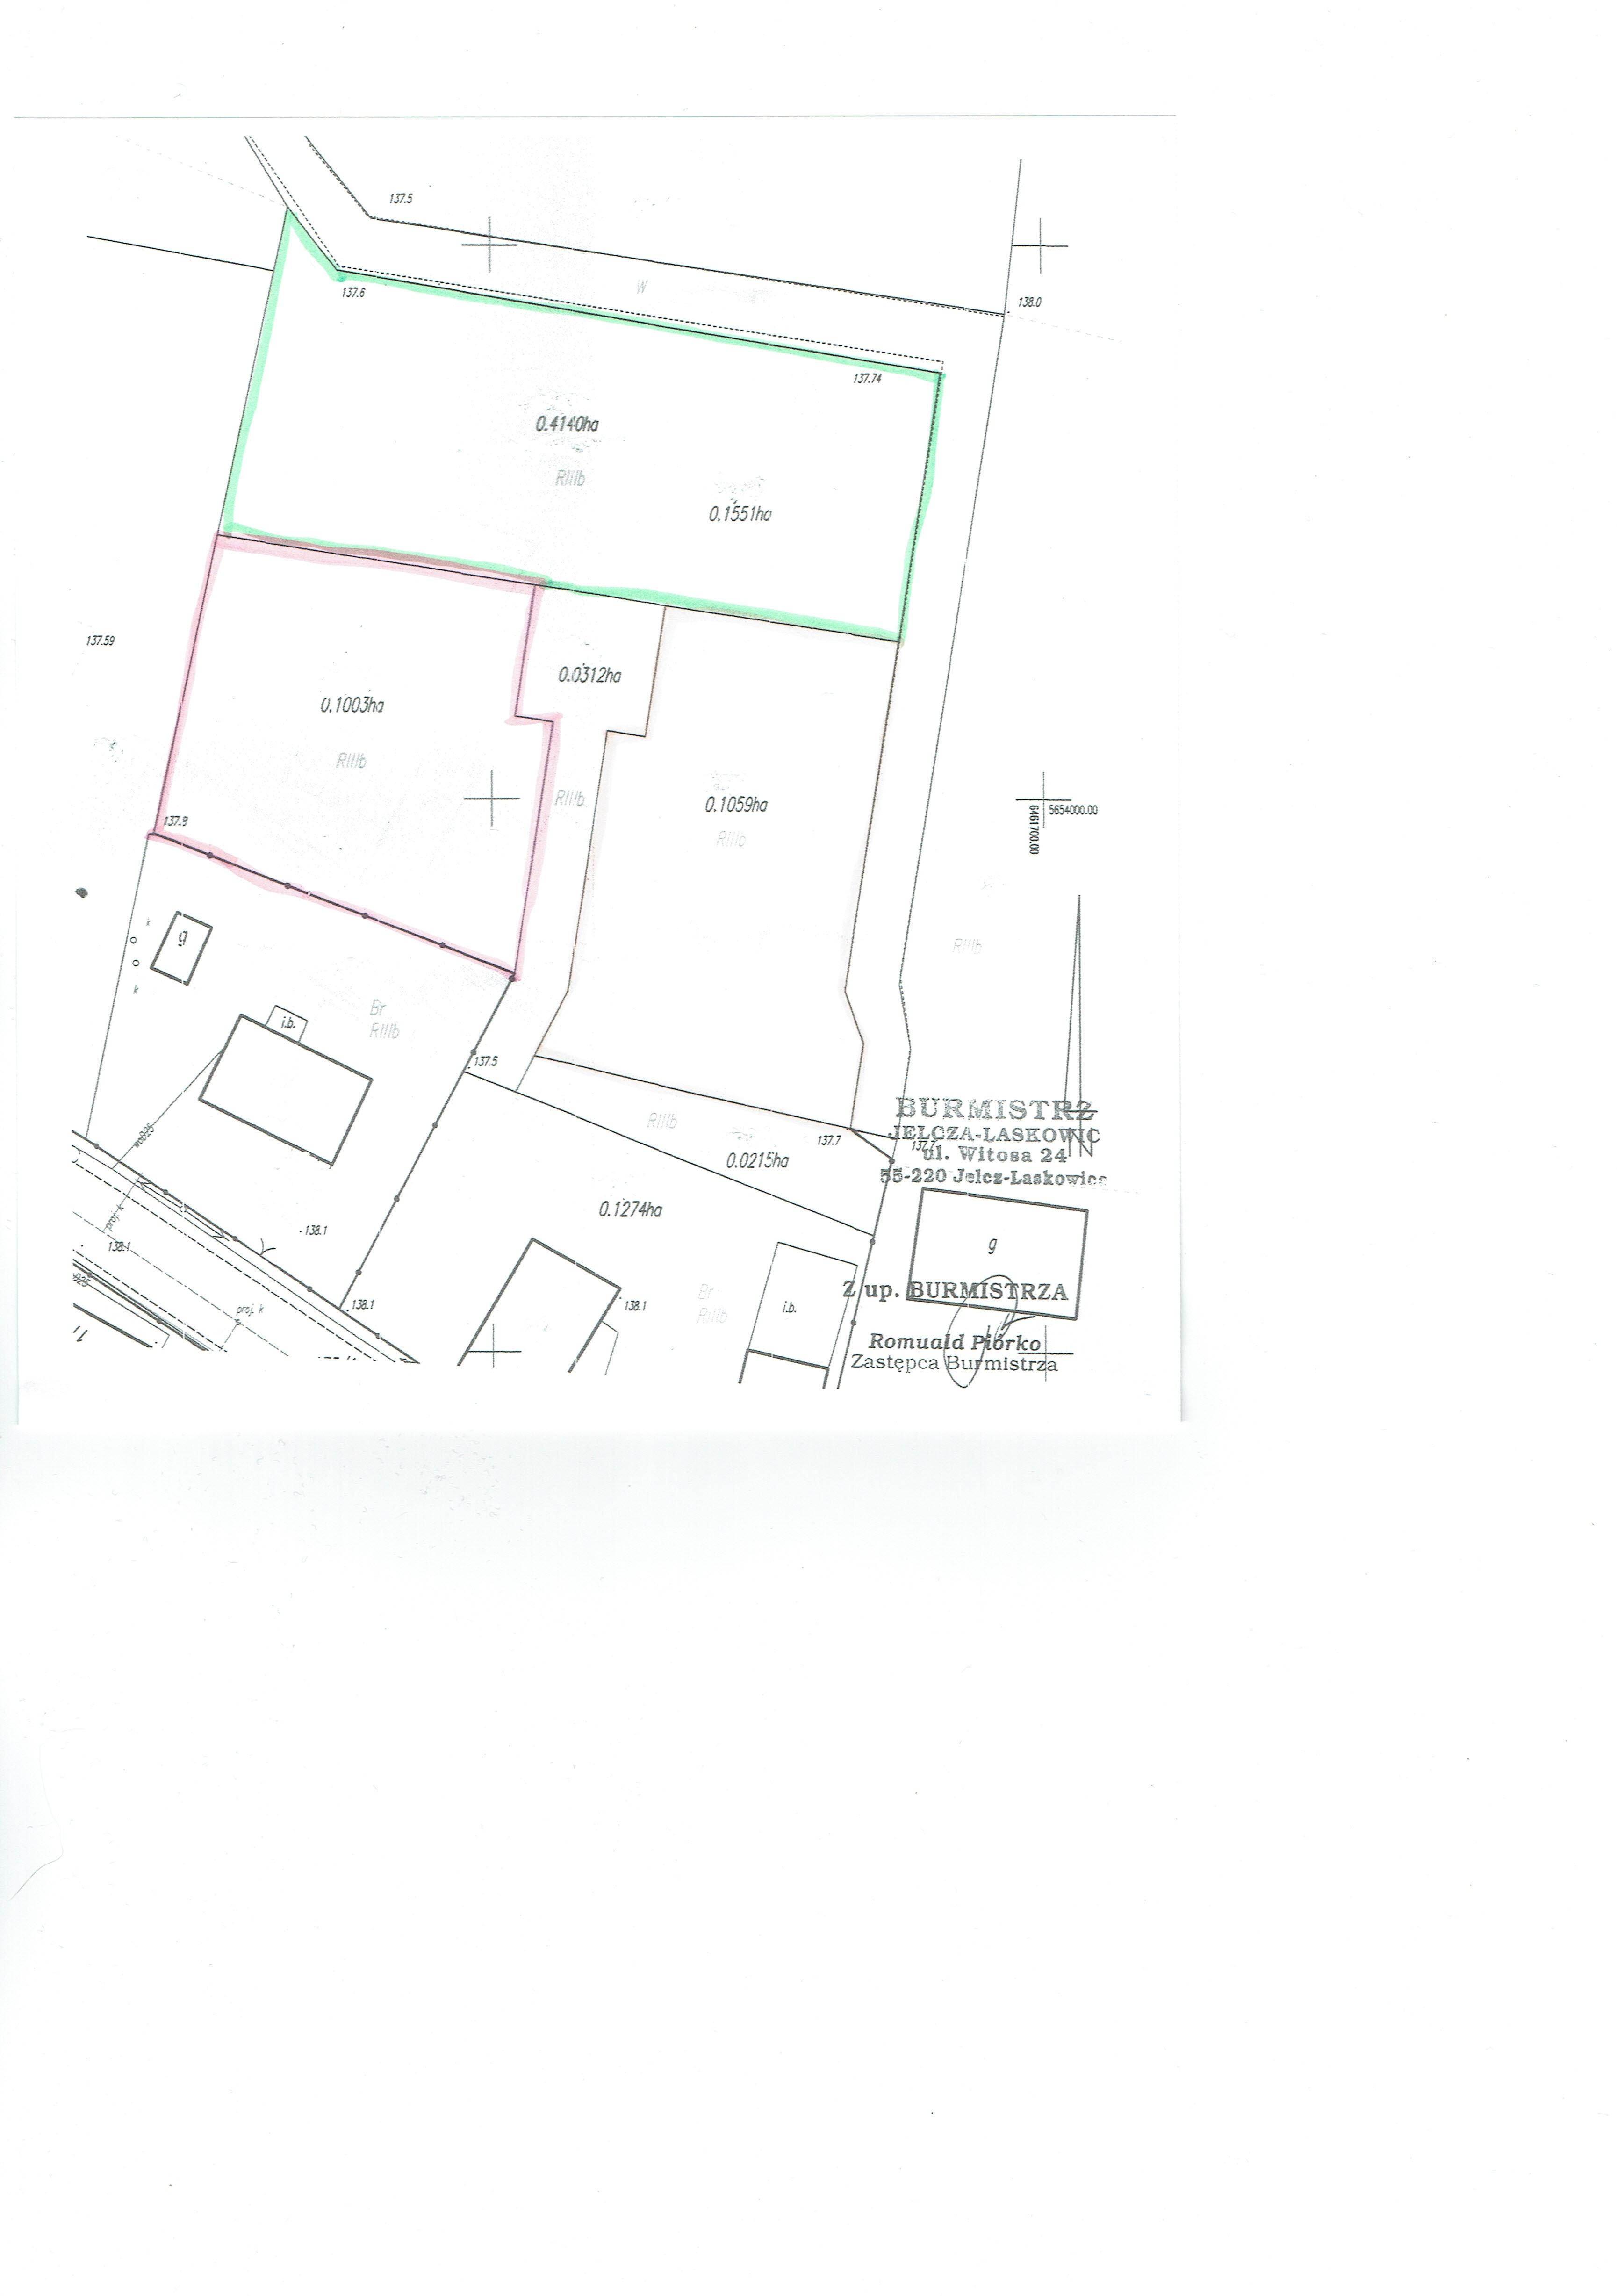 ProsperHome.pl - centrum nieruchomości: Minkowice Oławskie